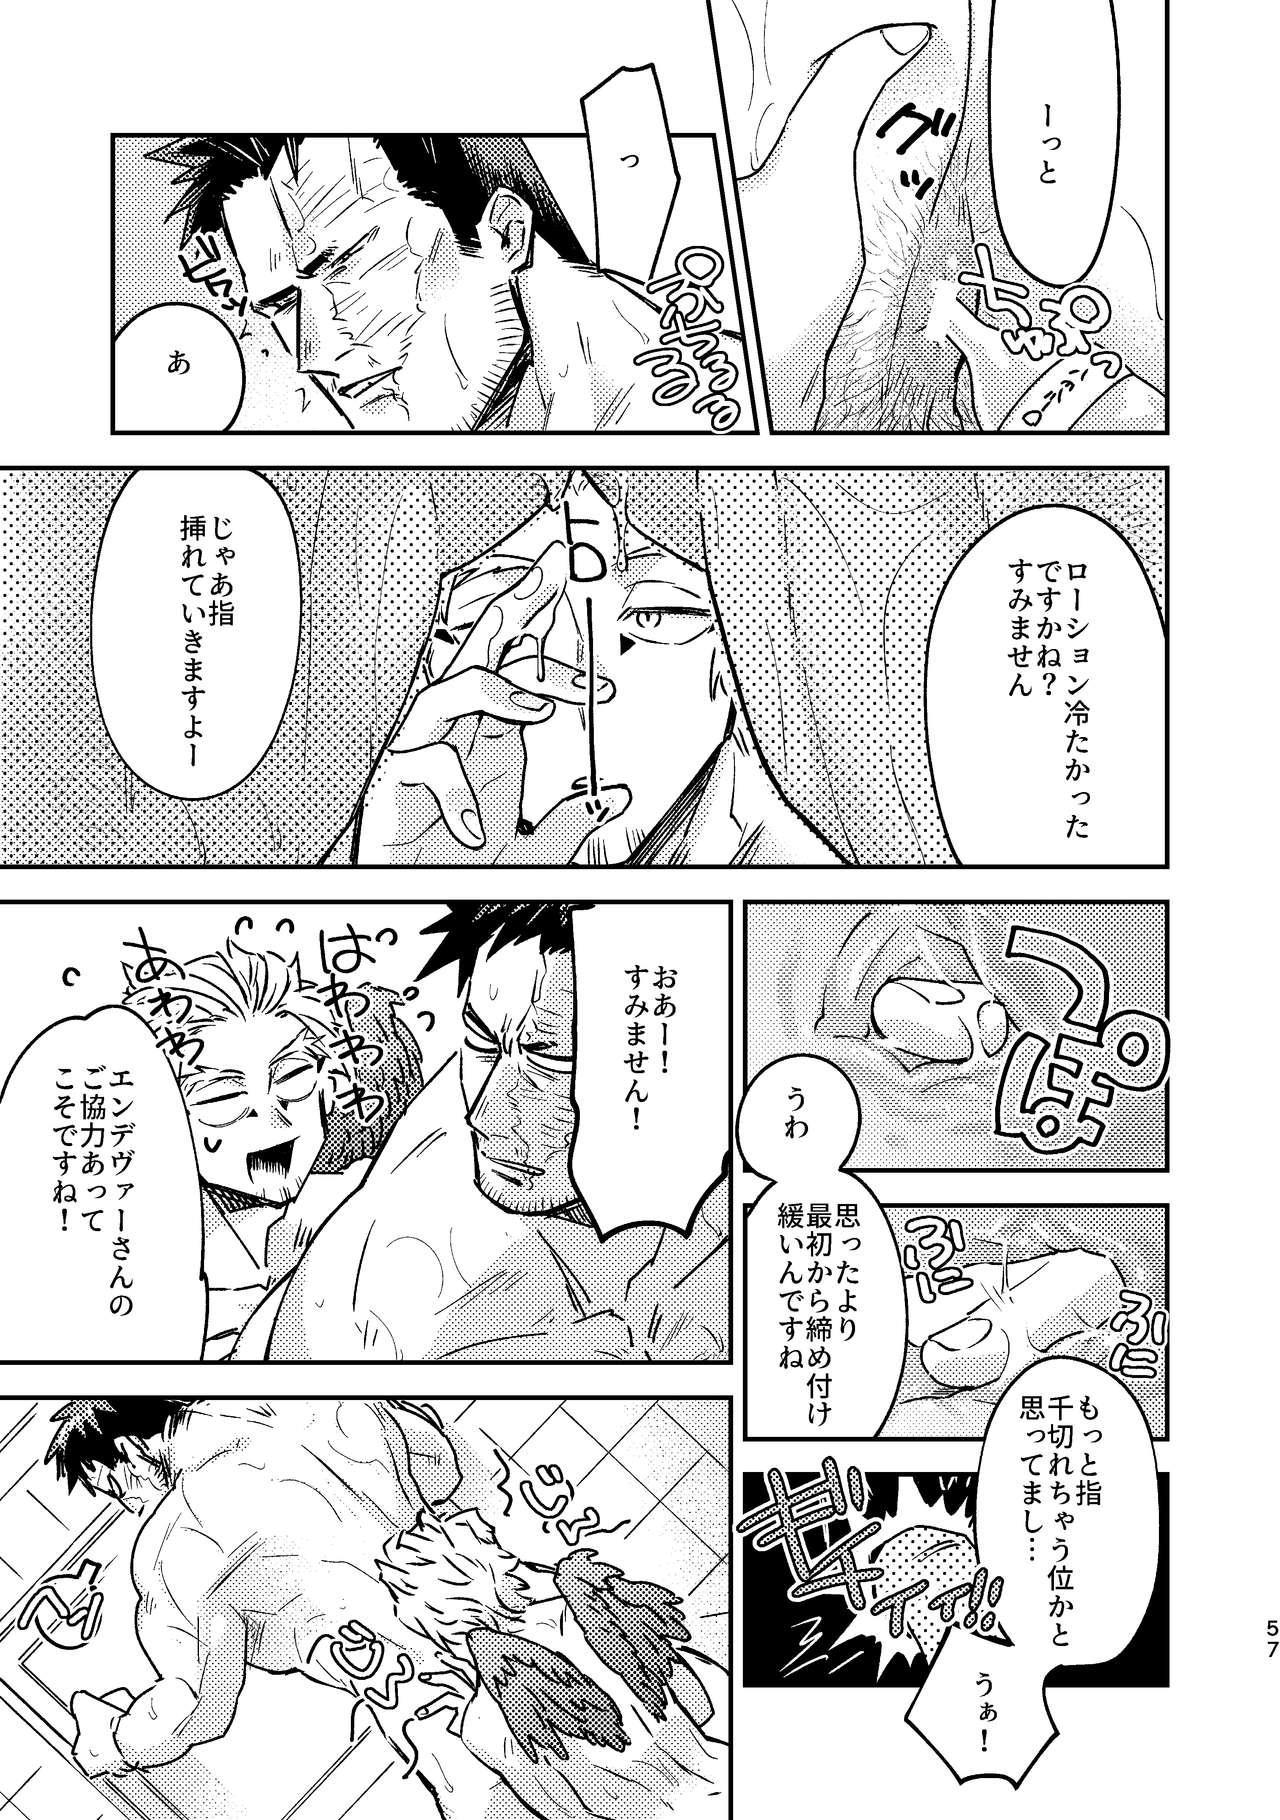 WEB Sairoku Zumi HawEn Manga ga Kami demo Yomeru Hon. 56